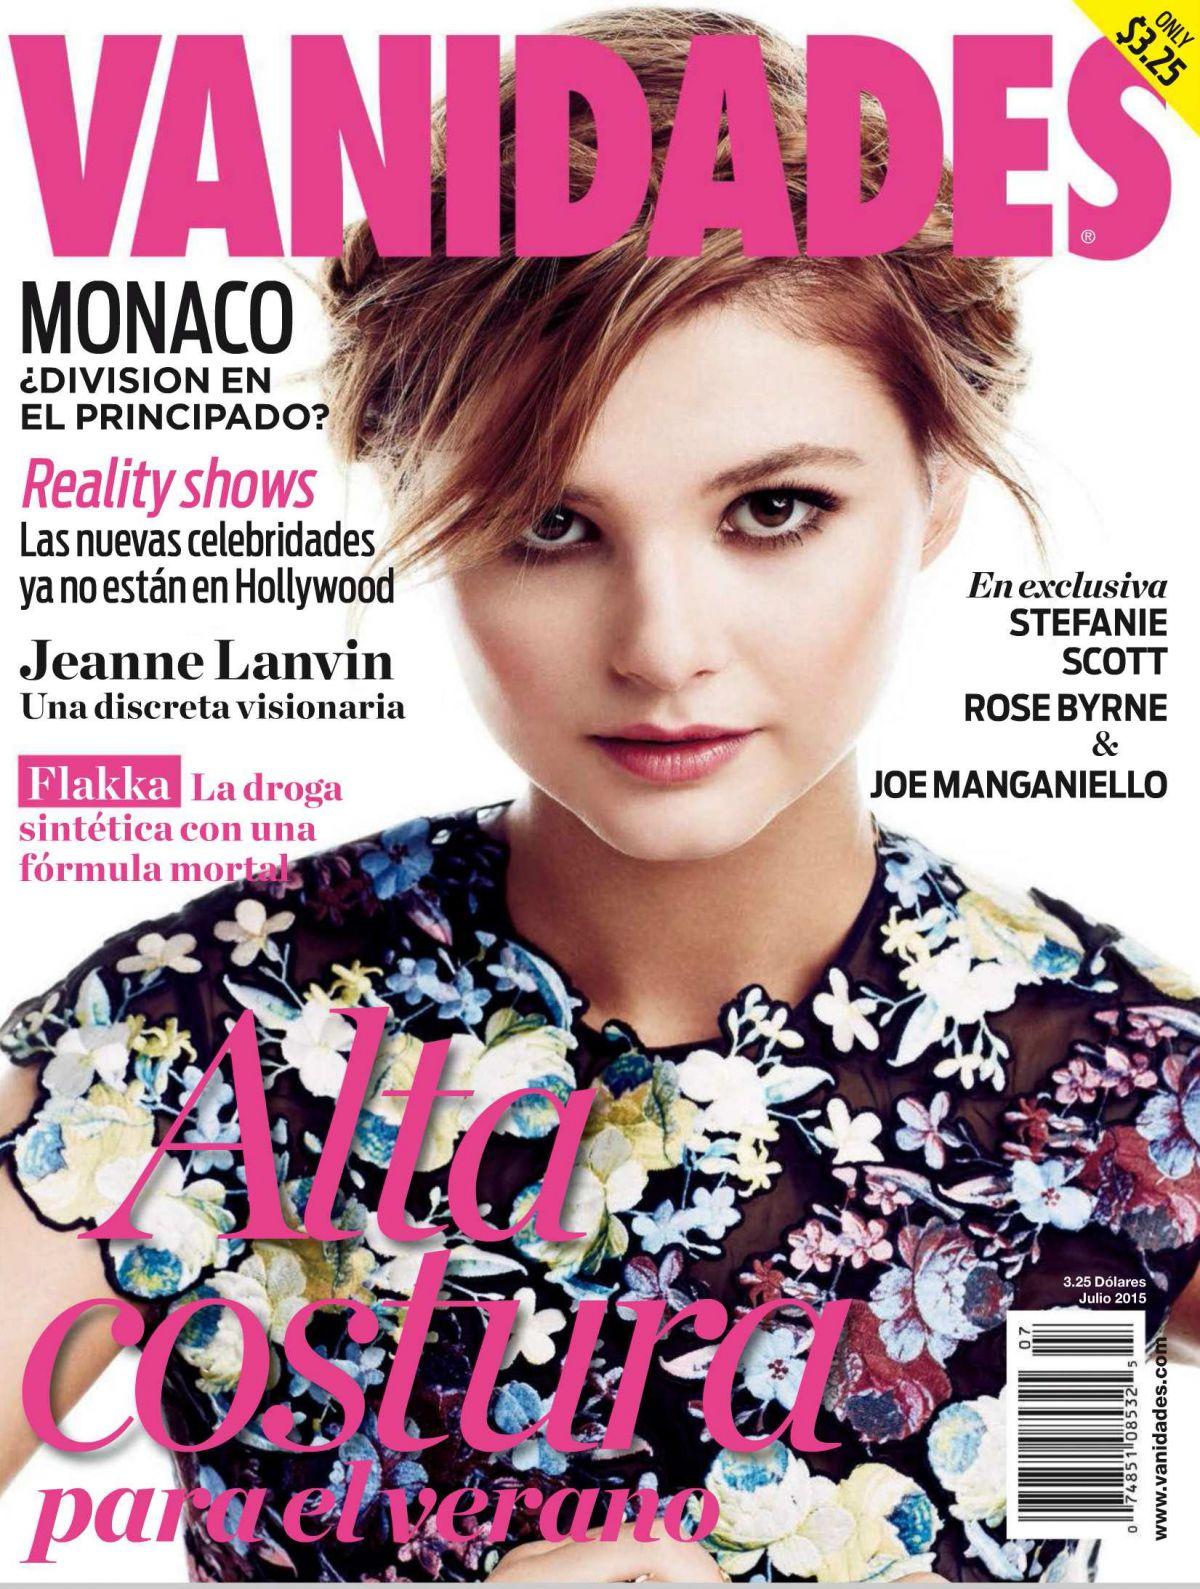 STEFANIE SCOTT in Vanidades Magazine, July 2015 Issue